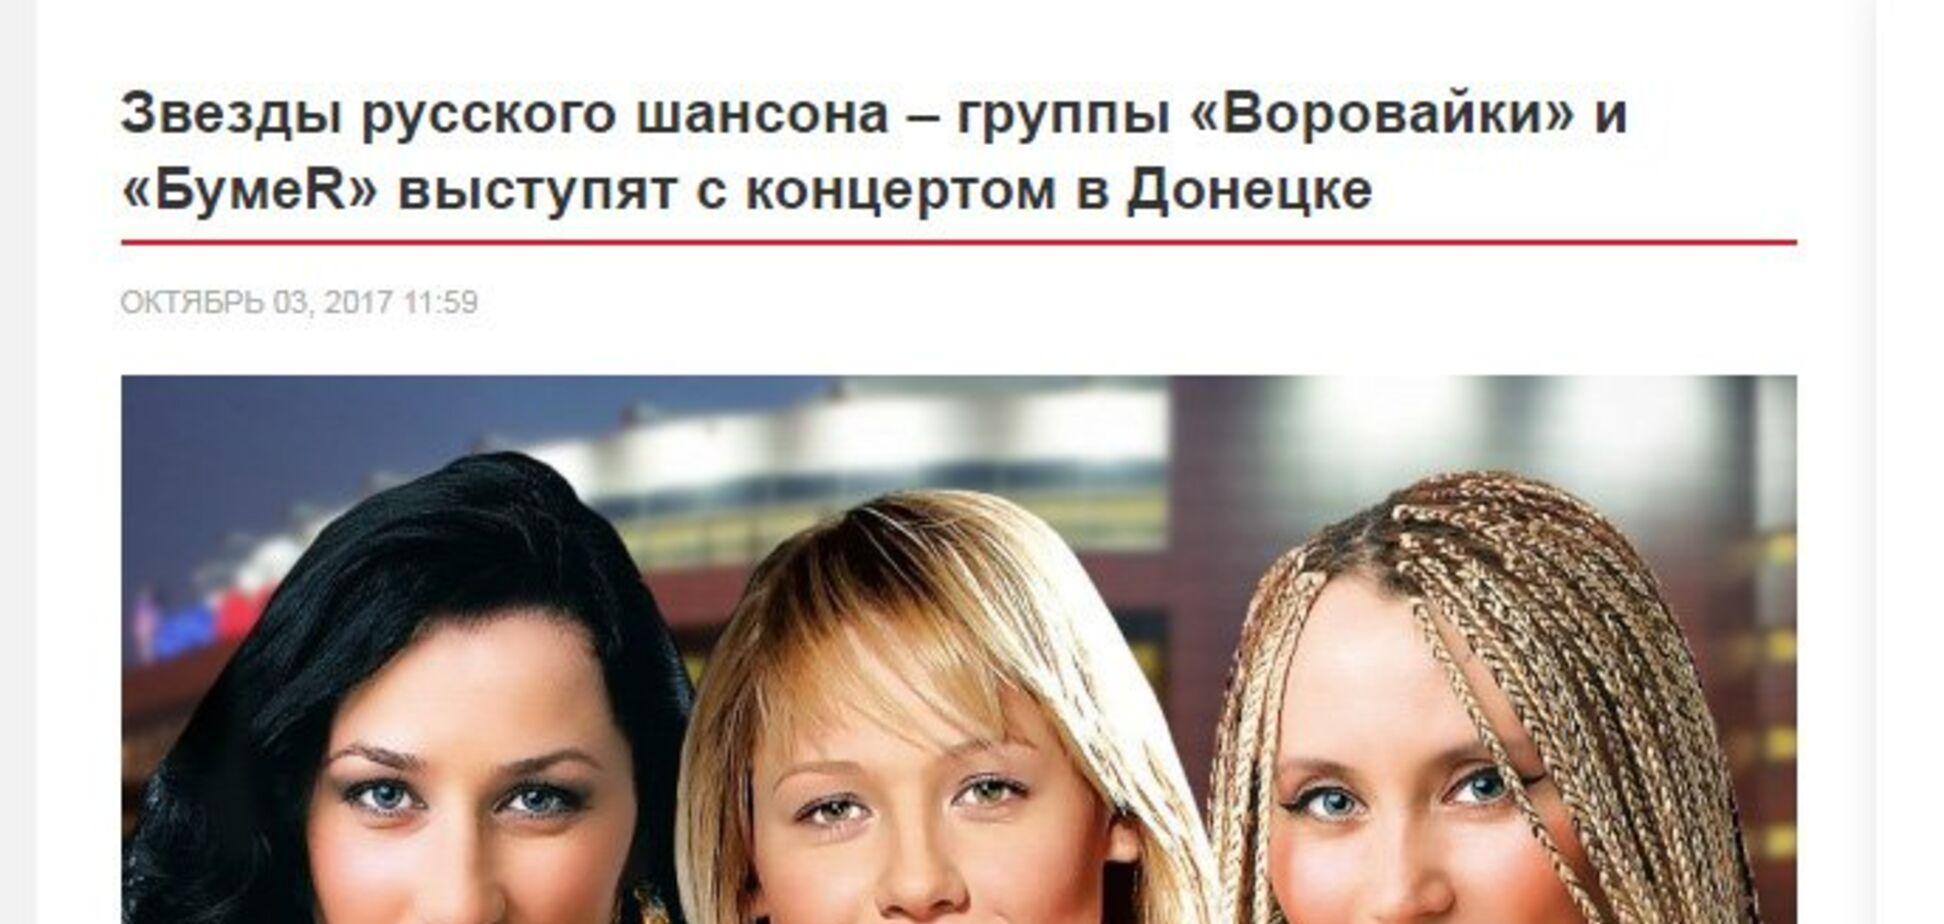 'Хоп, мусорок': в сети высмеяли 'культурное' мероприятие в 'ДНР'